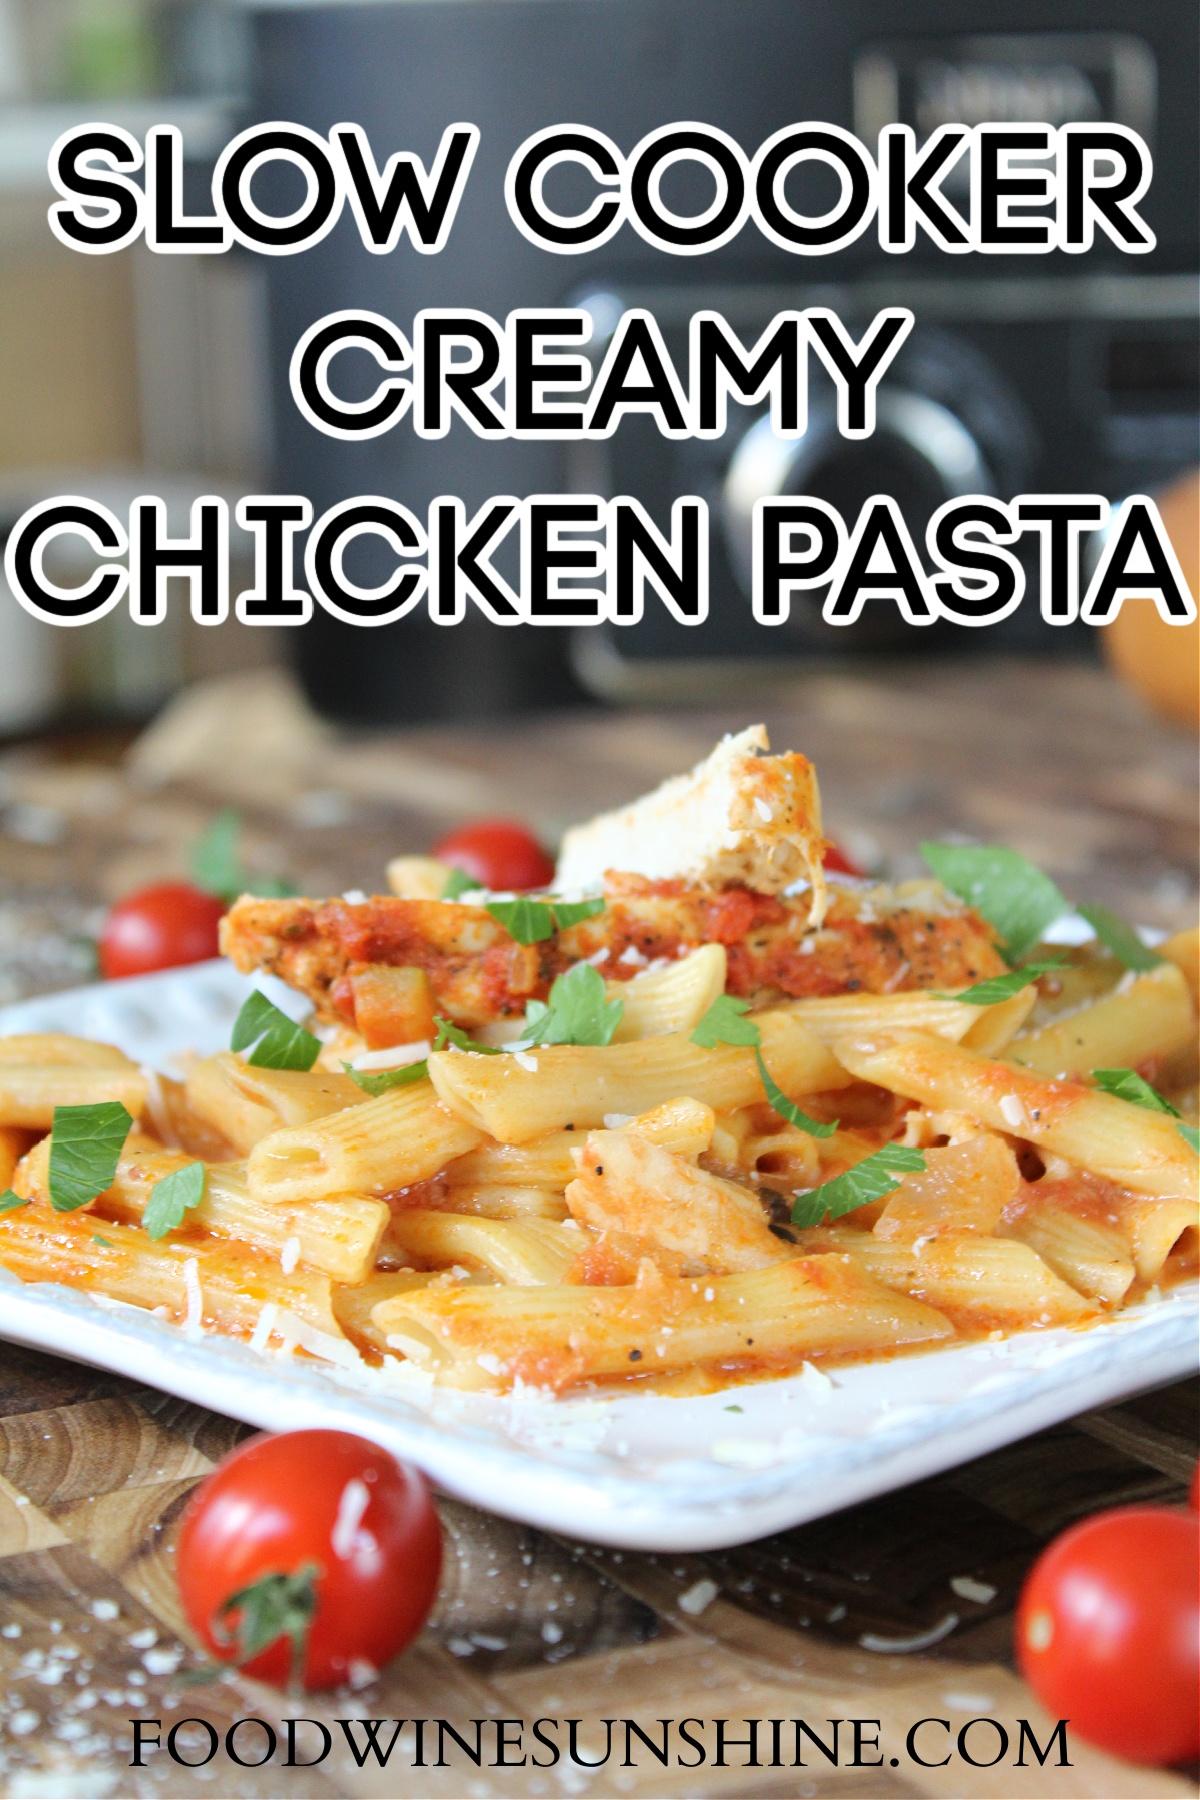 Tasty Crockpot creamy chicken pasta